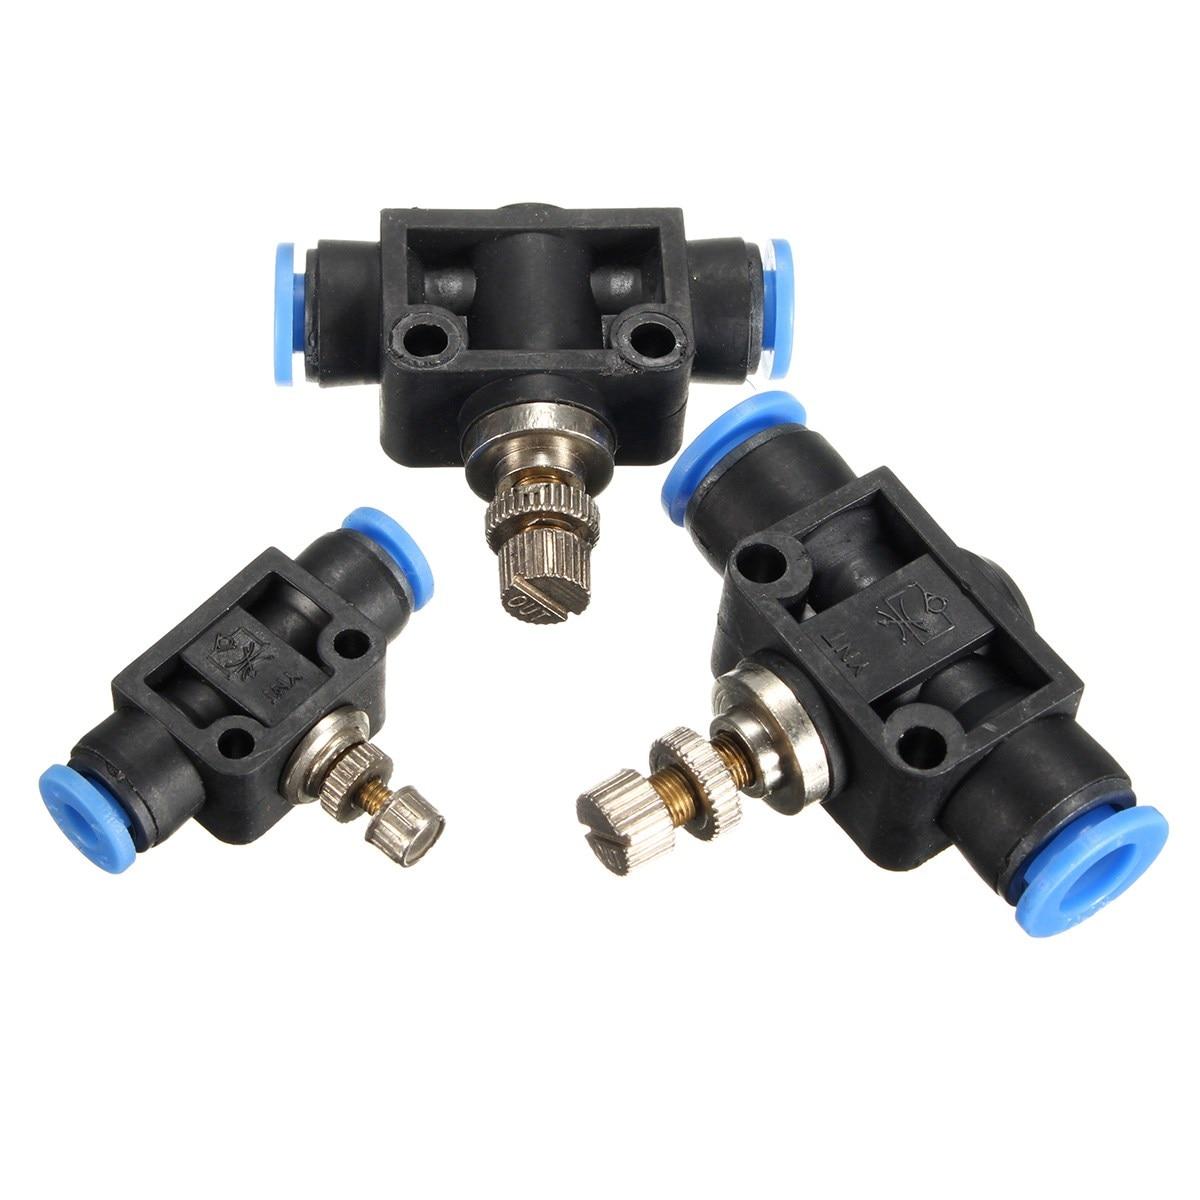 Ventil Diskret Gute Qualität 4/6/8mm Air Flow Speed Control Ventil Rohr Wasser Schlauch Pneumatische Push In Fitting Pa4 Pa6 Pa8 Ventil Kaufe Jetzt